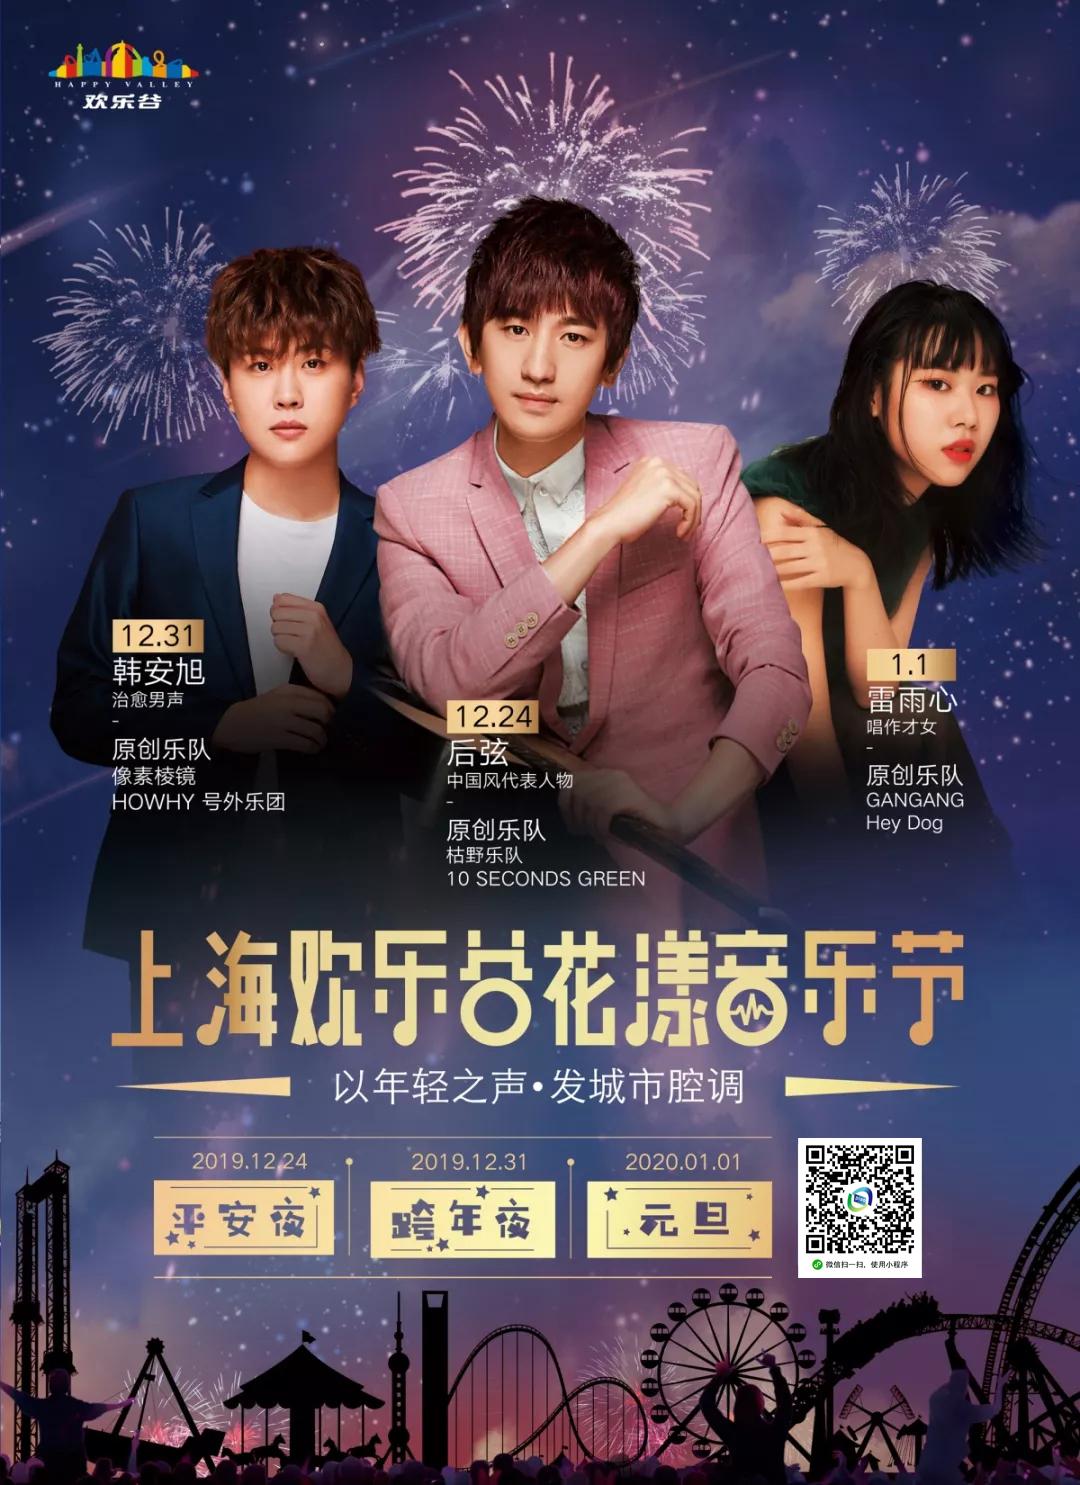 上海欢乐谷花漾音乐节钜惠限量,跨年大惊喜